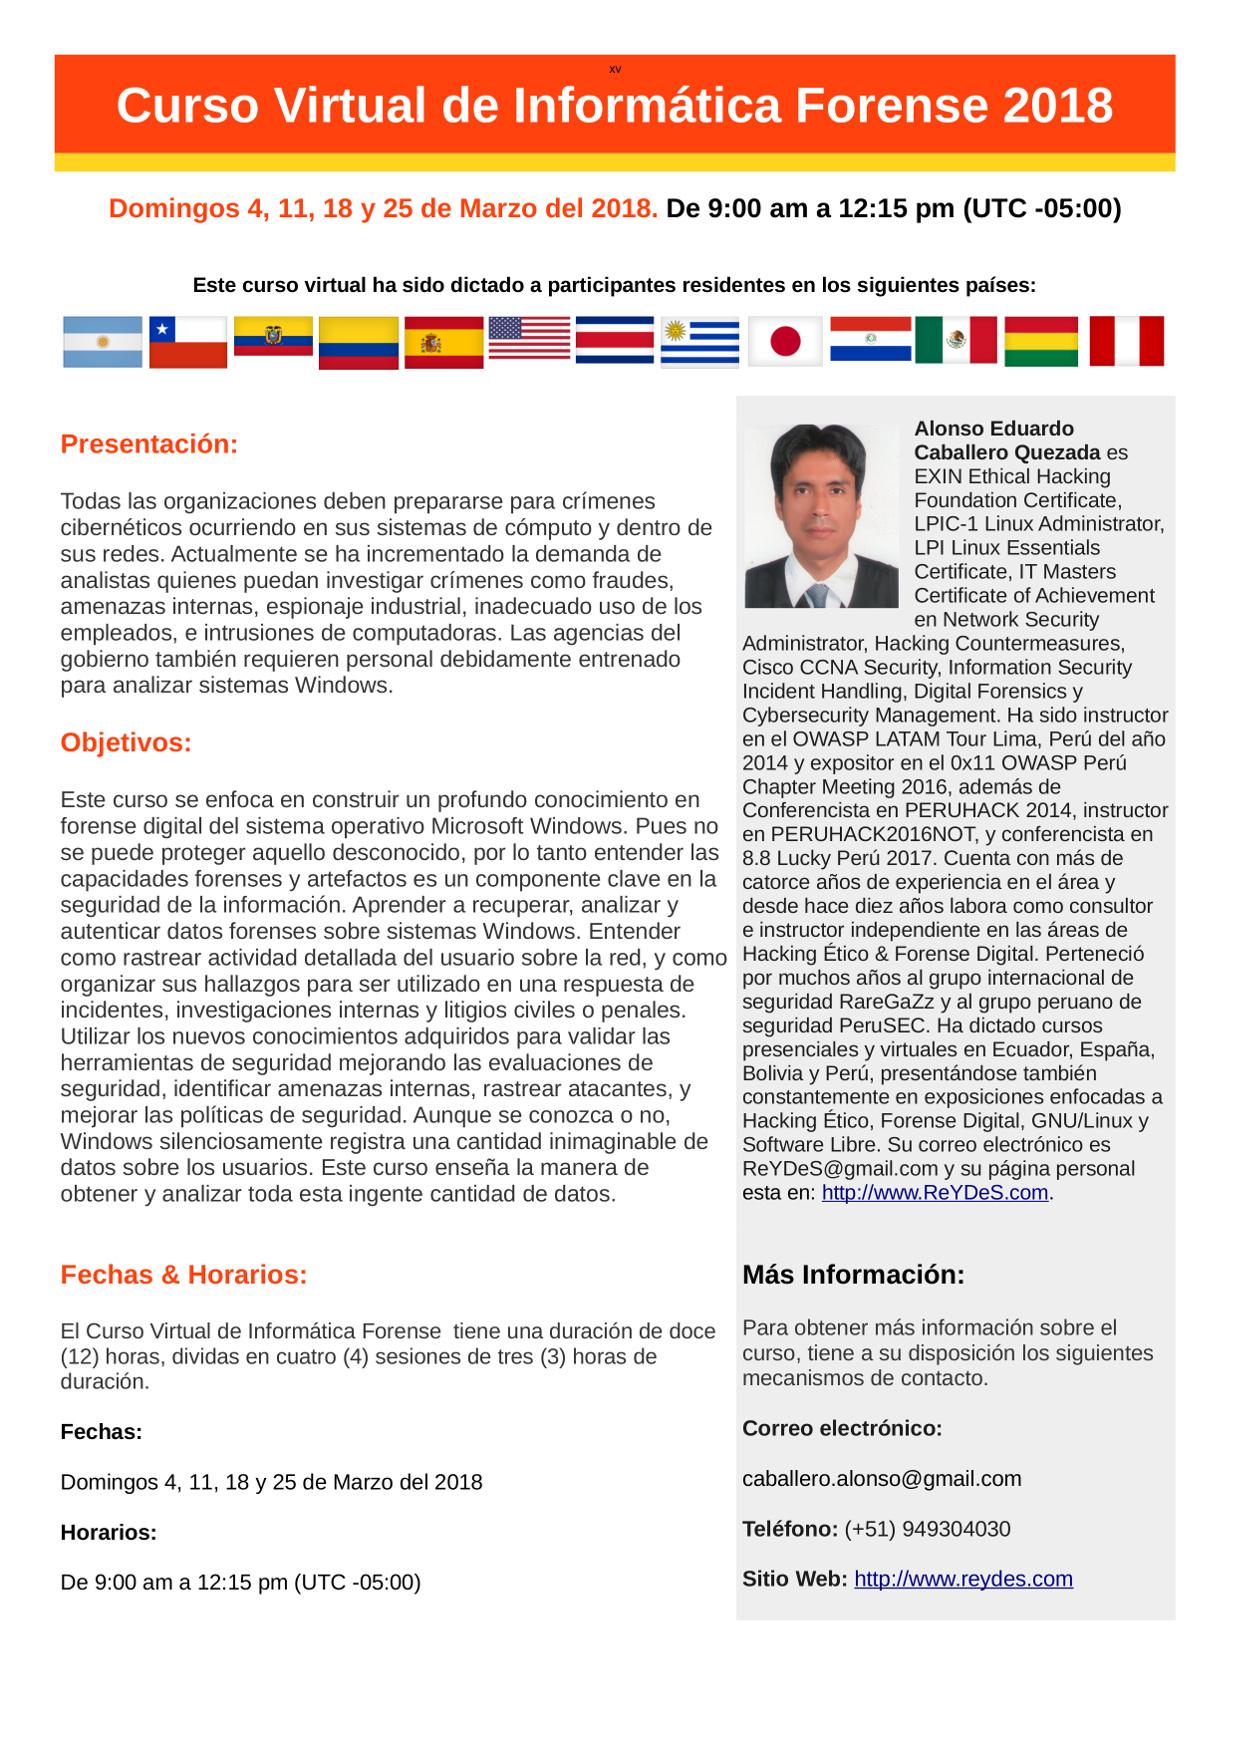 Único Curso Virtual de Informática Forense 2018